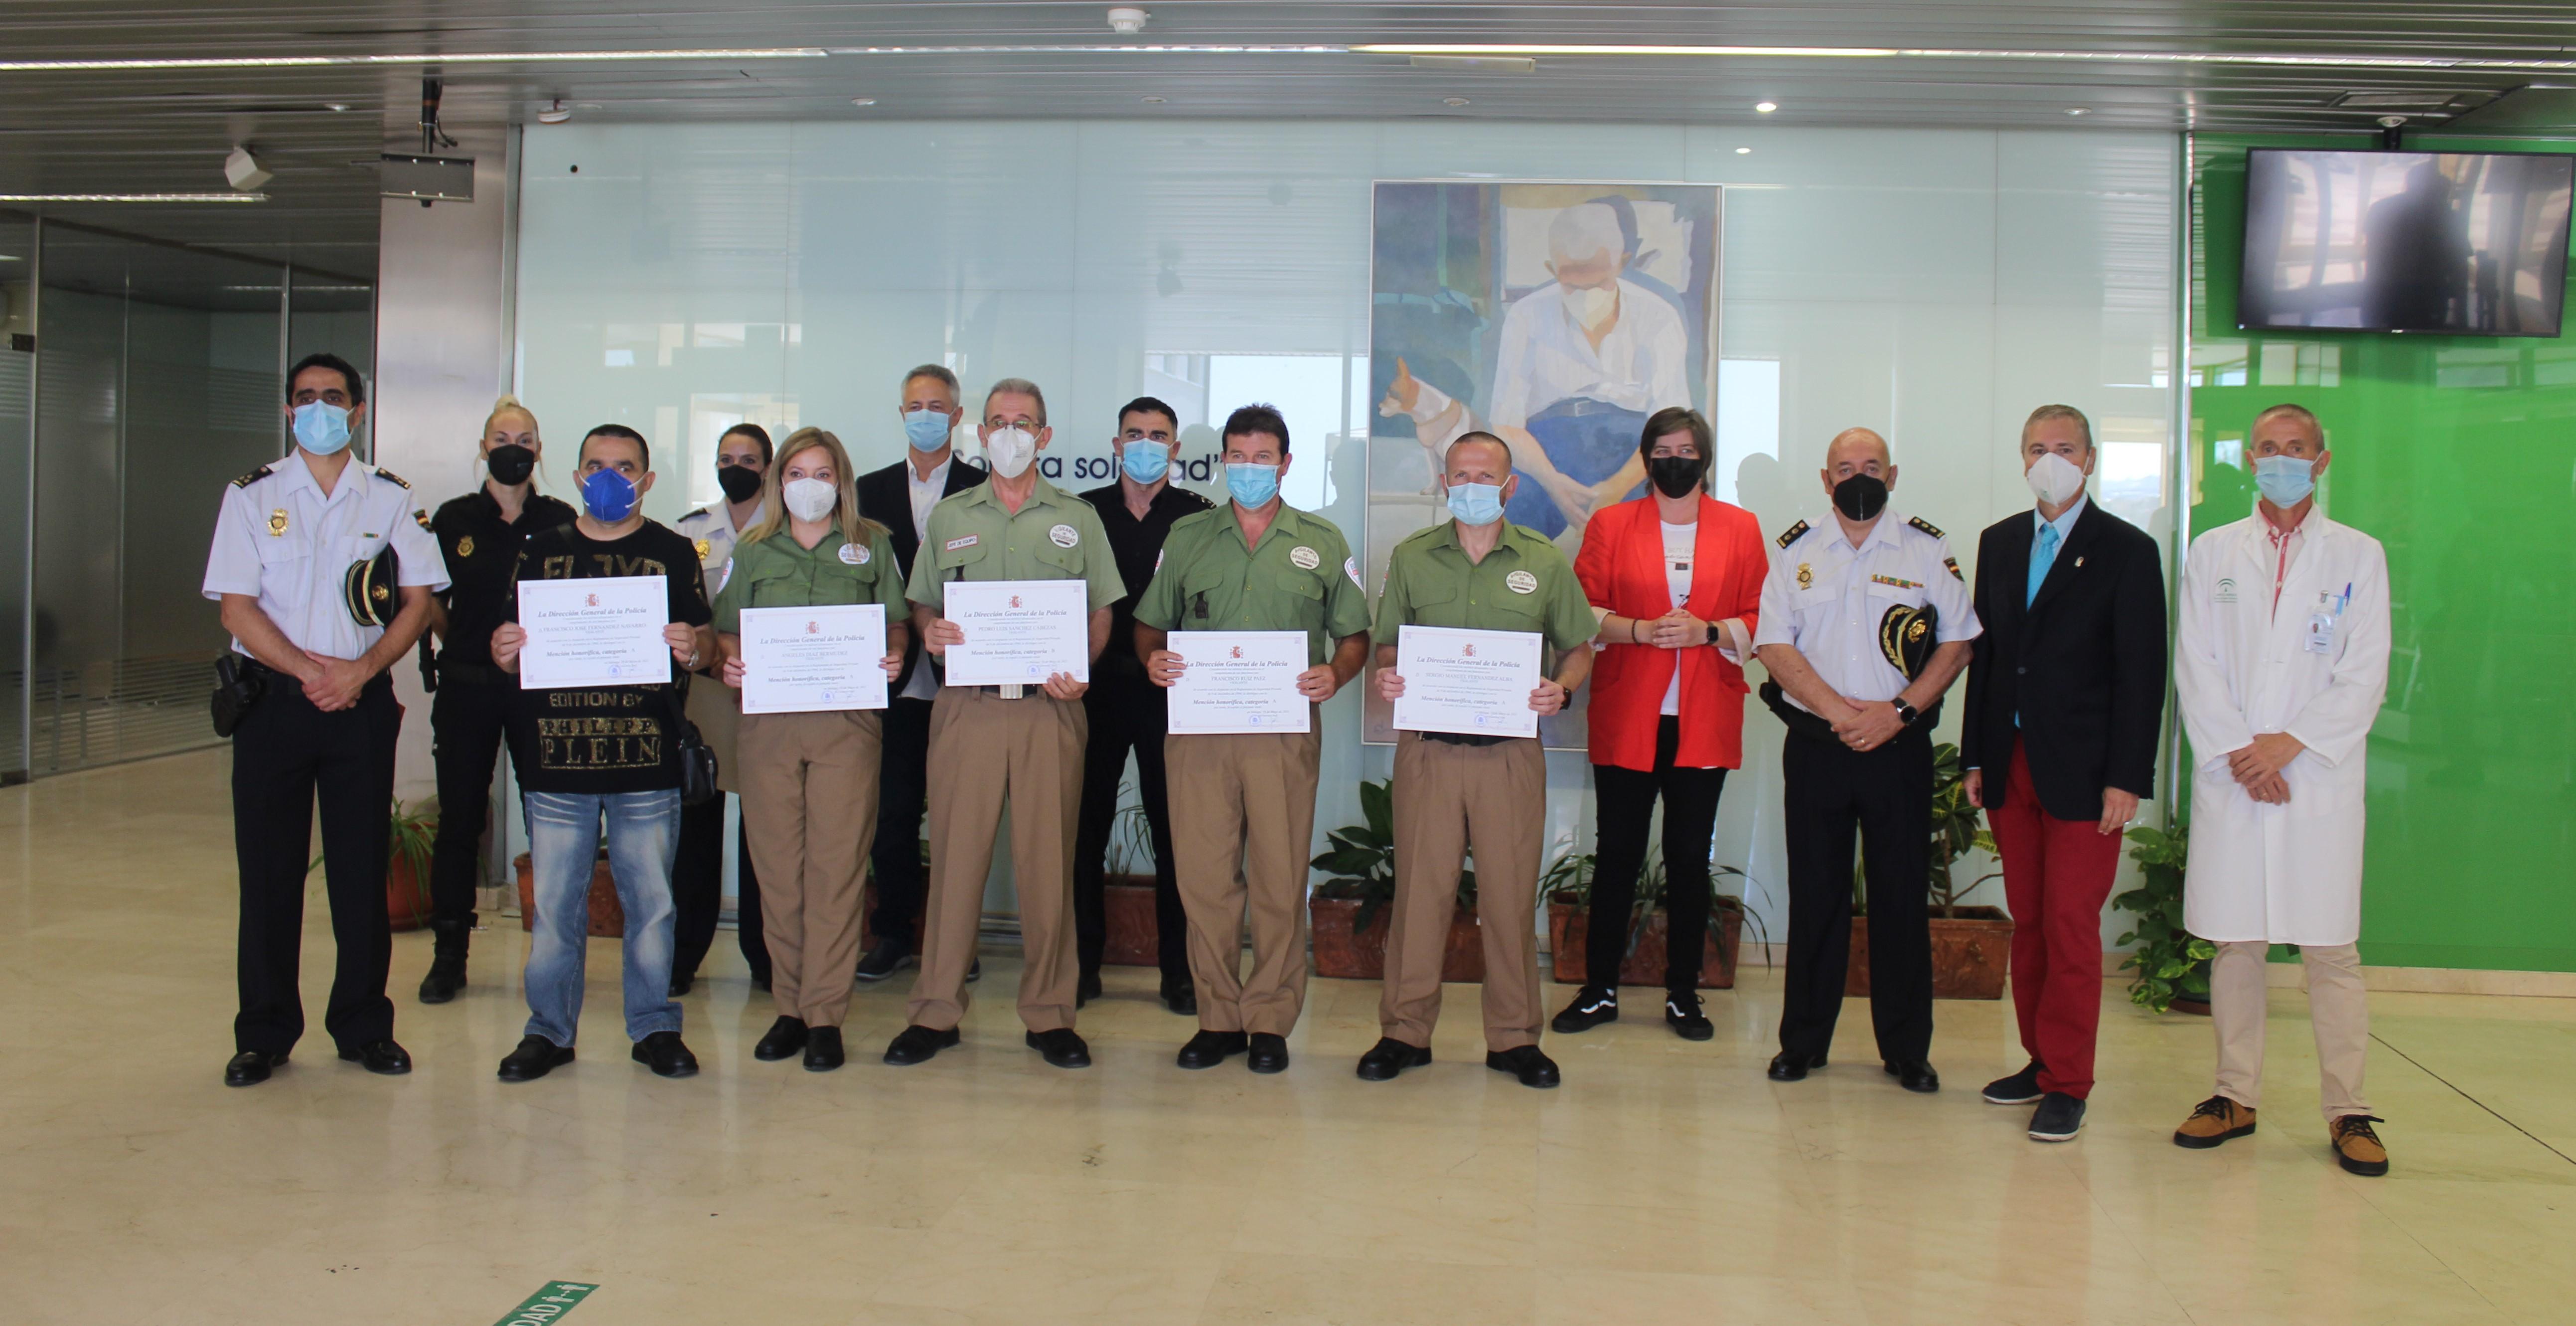 La Policía Nacional ha distinguido esta mañana la labor de los vigilantes de seguridad del Hospital de la Axarquía